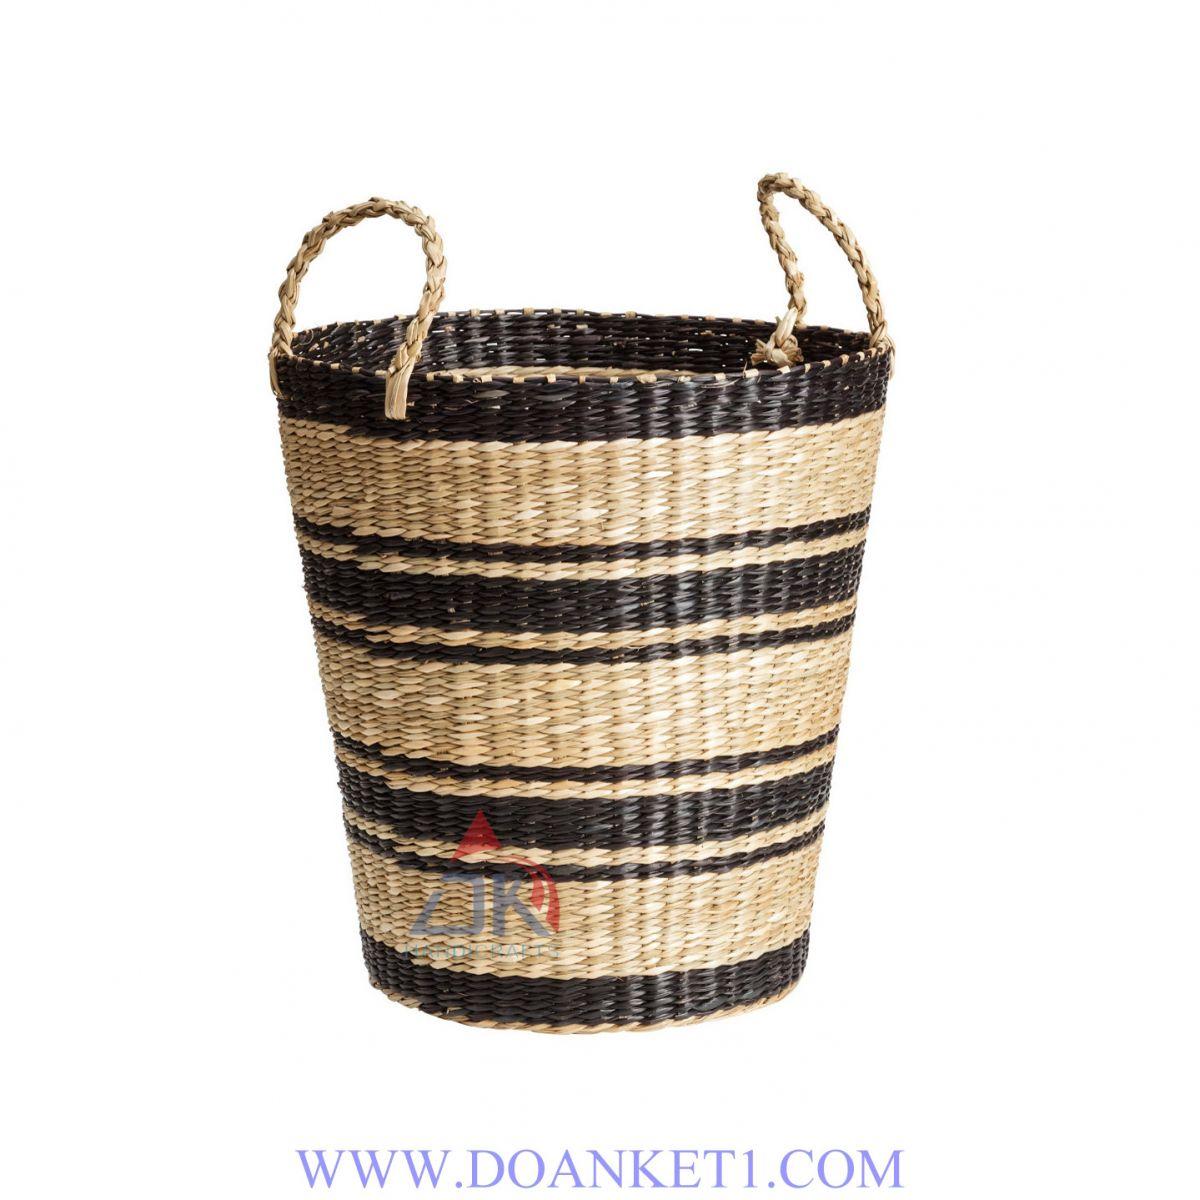 Seagrass Basket # DK235